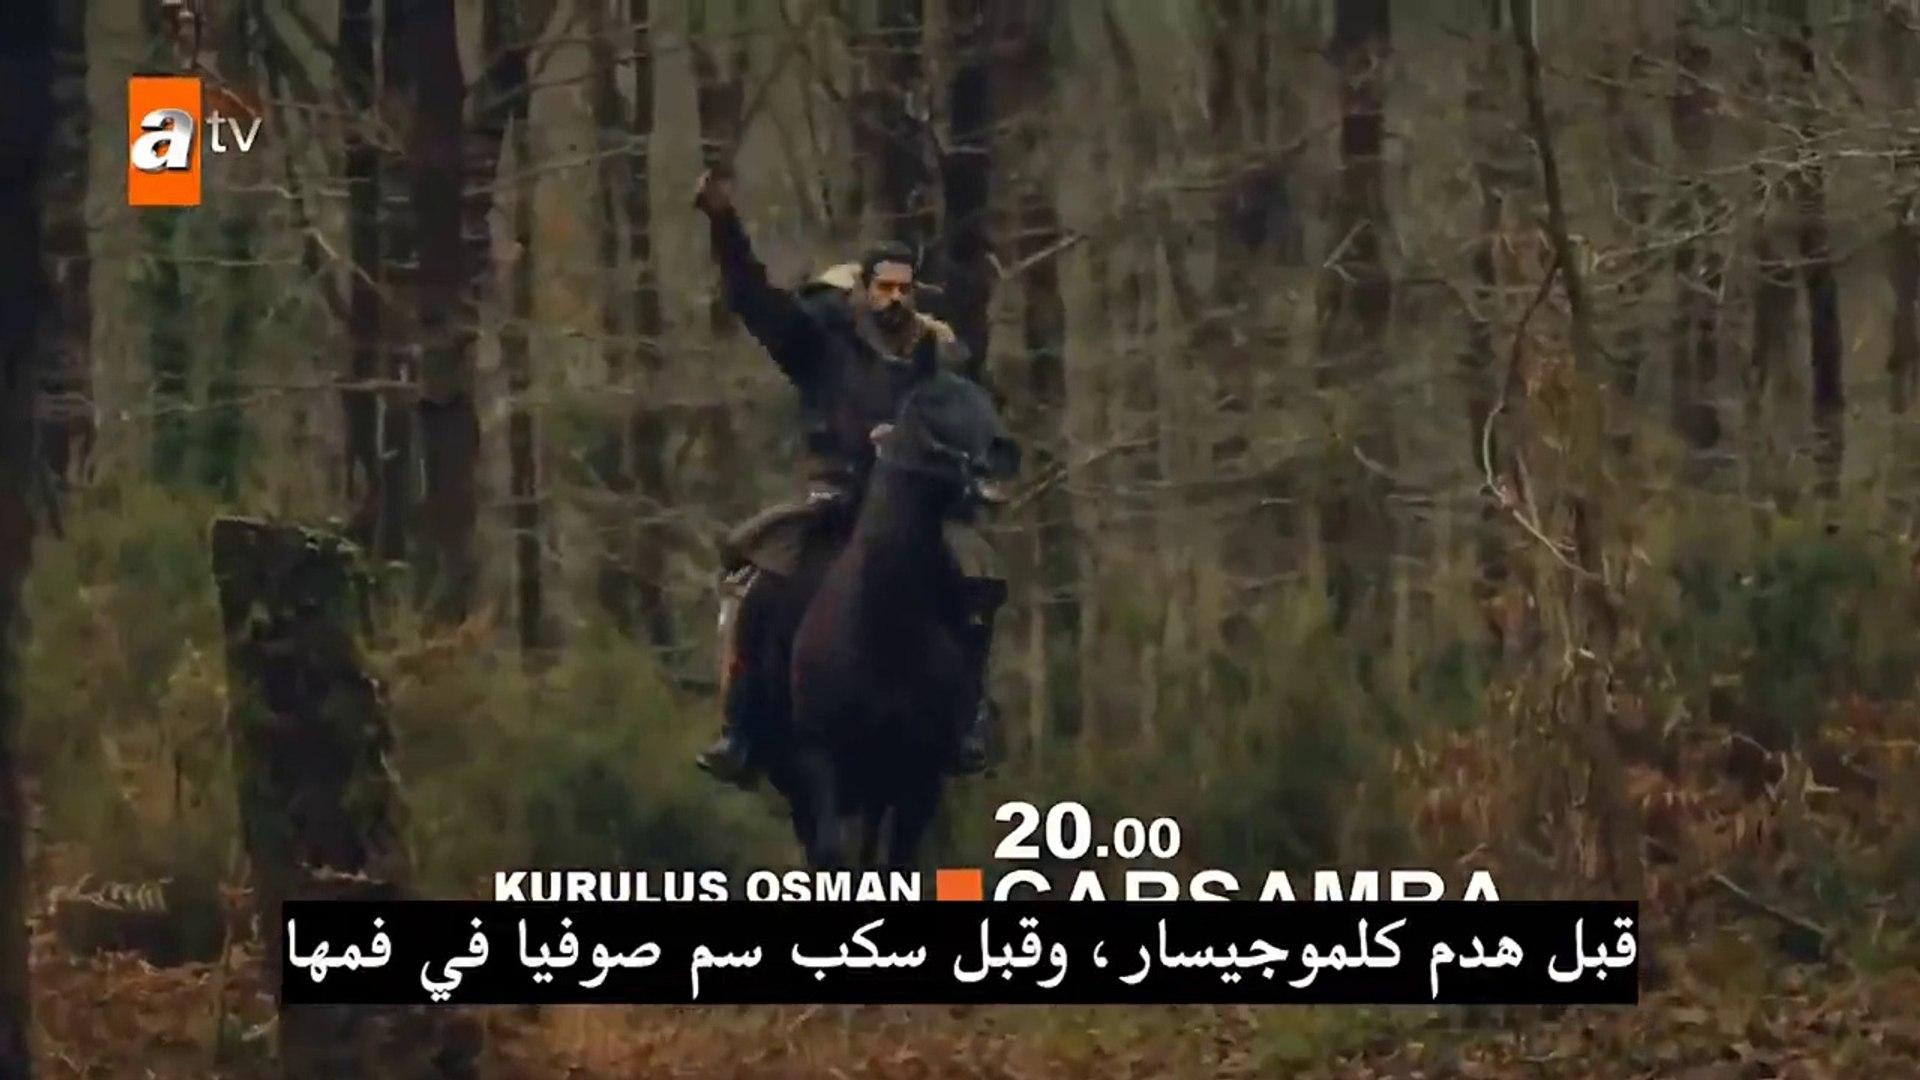 مسلسل قيامة عثمان الجزء الاول الحلقة 8 | عثمان 8 الجزء الاول | قيامة عثمان الحلقة الثامنة